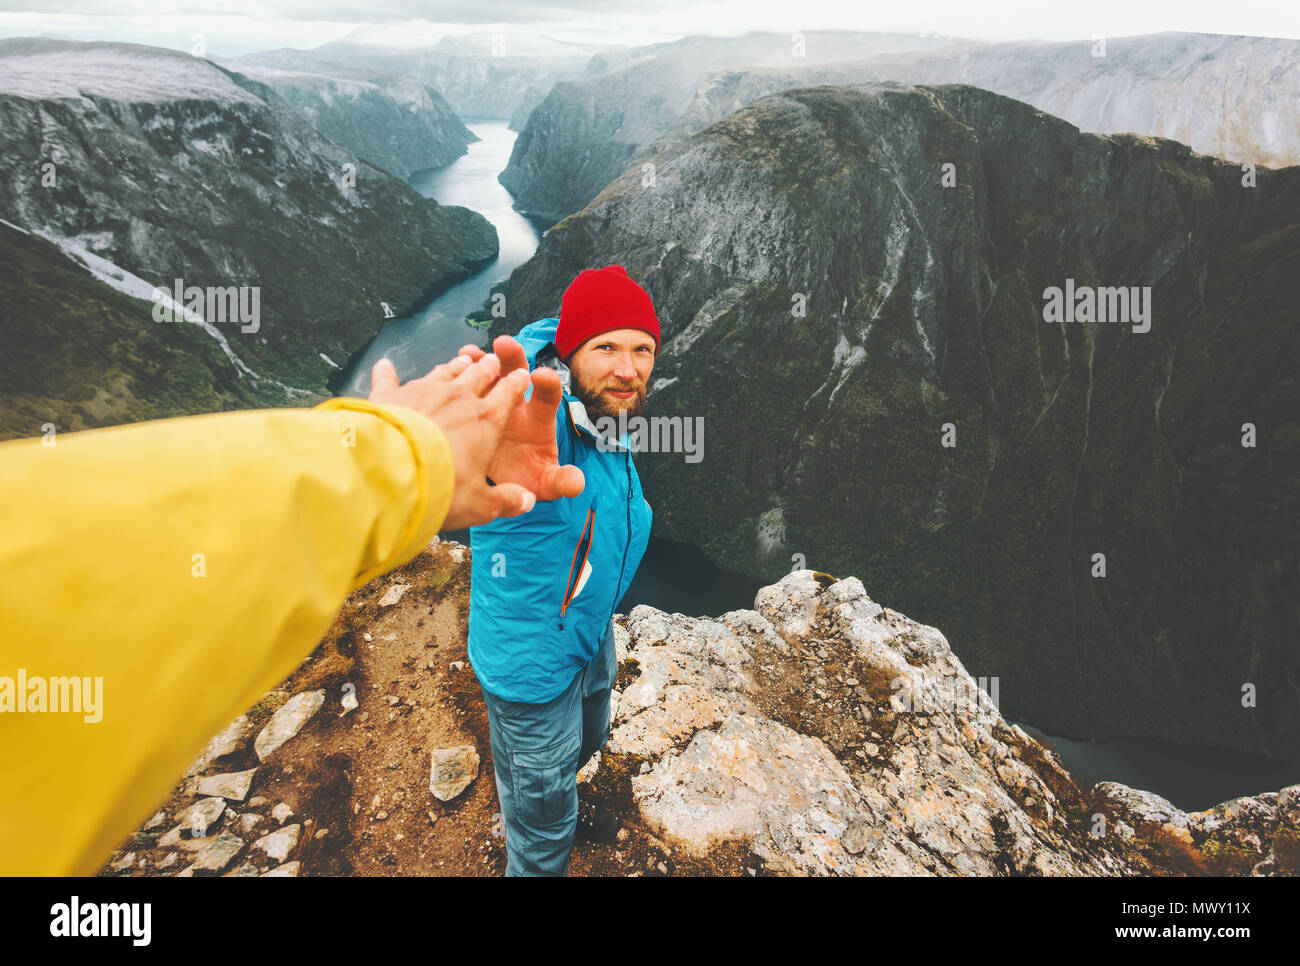 Par de aventureros en montañas siga ayudando a mano viajando juntos concepto de estilo de vida extrema aventura vacaciones escapada de fin de semana en Noruega Imagen De Stock